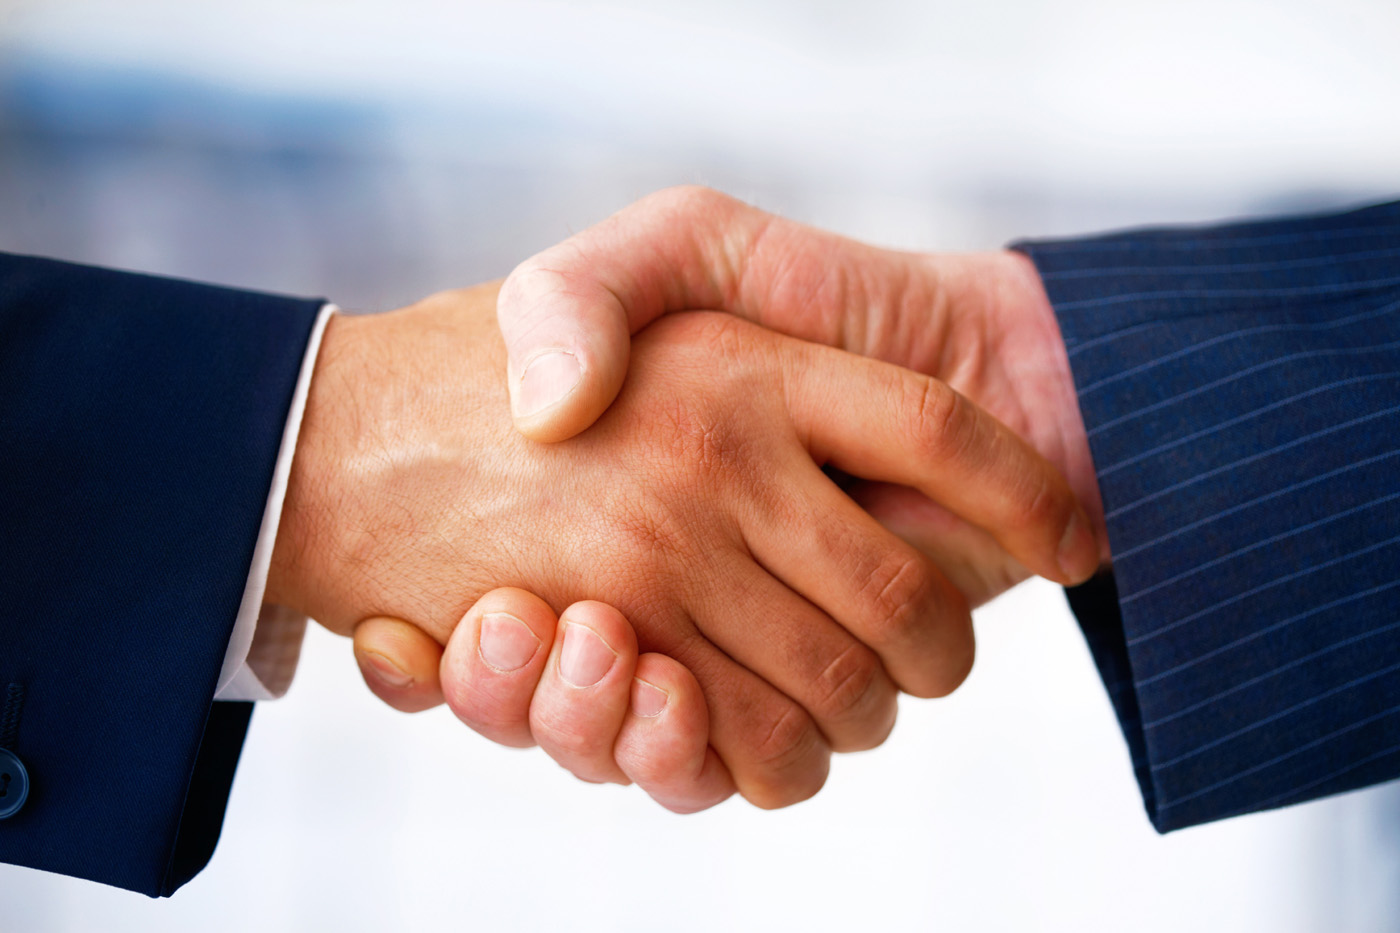 اقدامات لازم برای دریافت خسارت ناشی از فسخ قرارداد